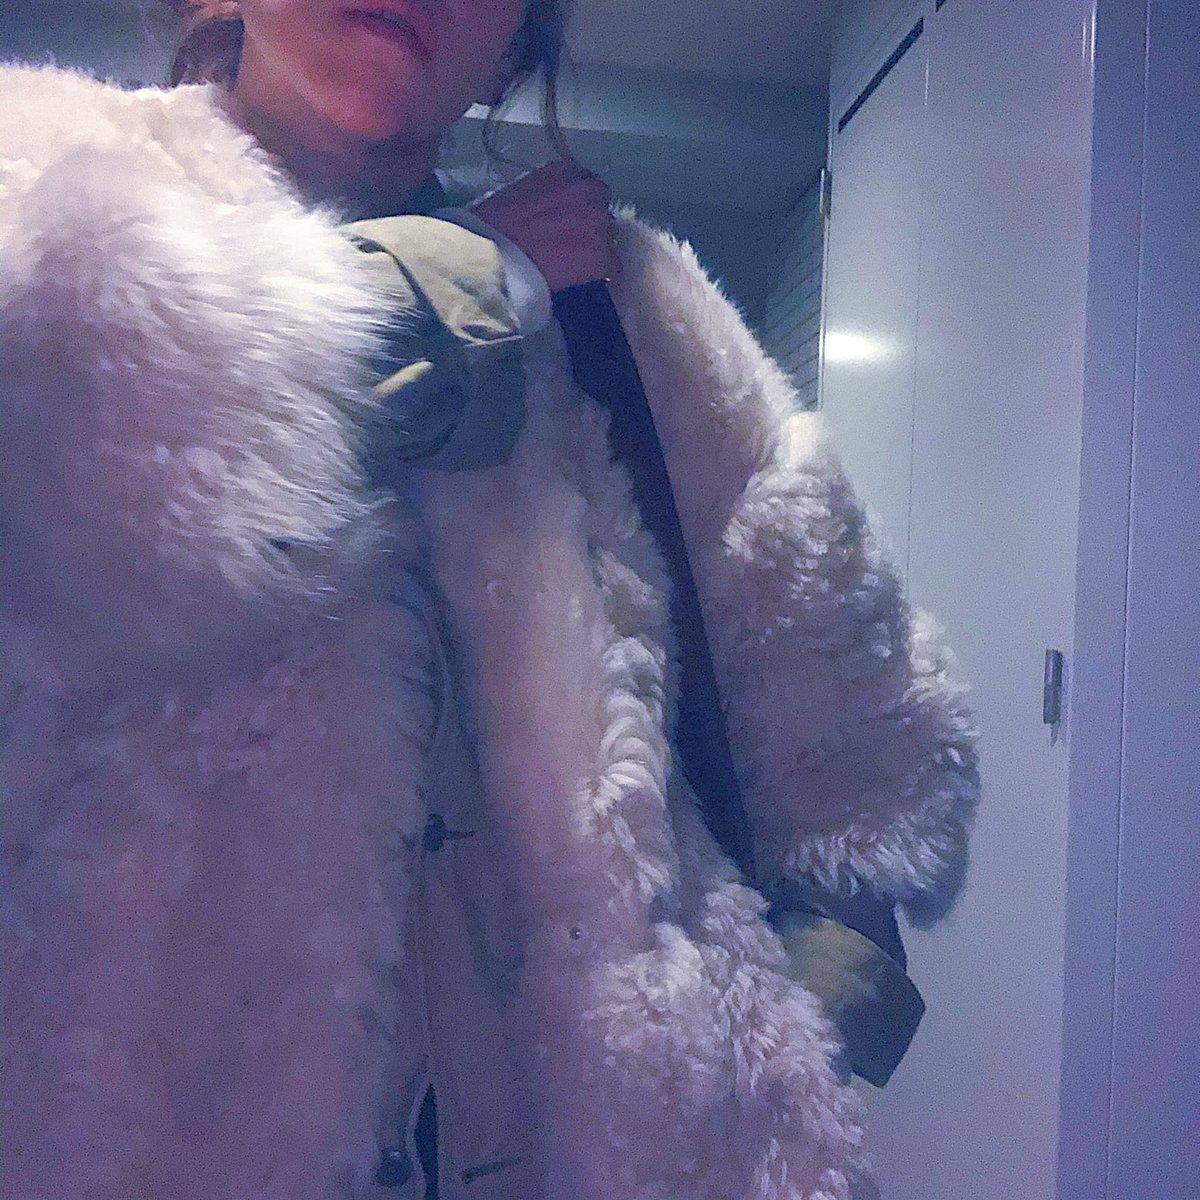 ジャケットをシャツのように着るのも、アウターの中にジャケットを着るのもすき☺️  ファージャケット/sword6644 サーマルプルオーバー/__kitri__ バッグ/chanelofficial シューズ/vans  #fashion  #fashionlover  #ootd  #outfit  #style  #stylist  #styleblogger  #chanel  #vans  #sword